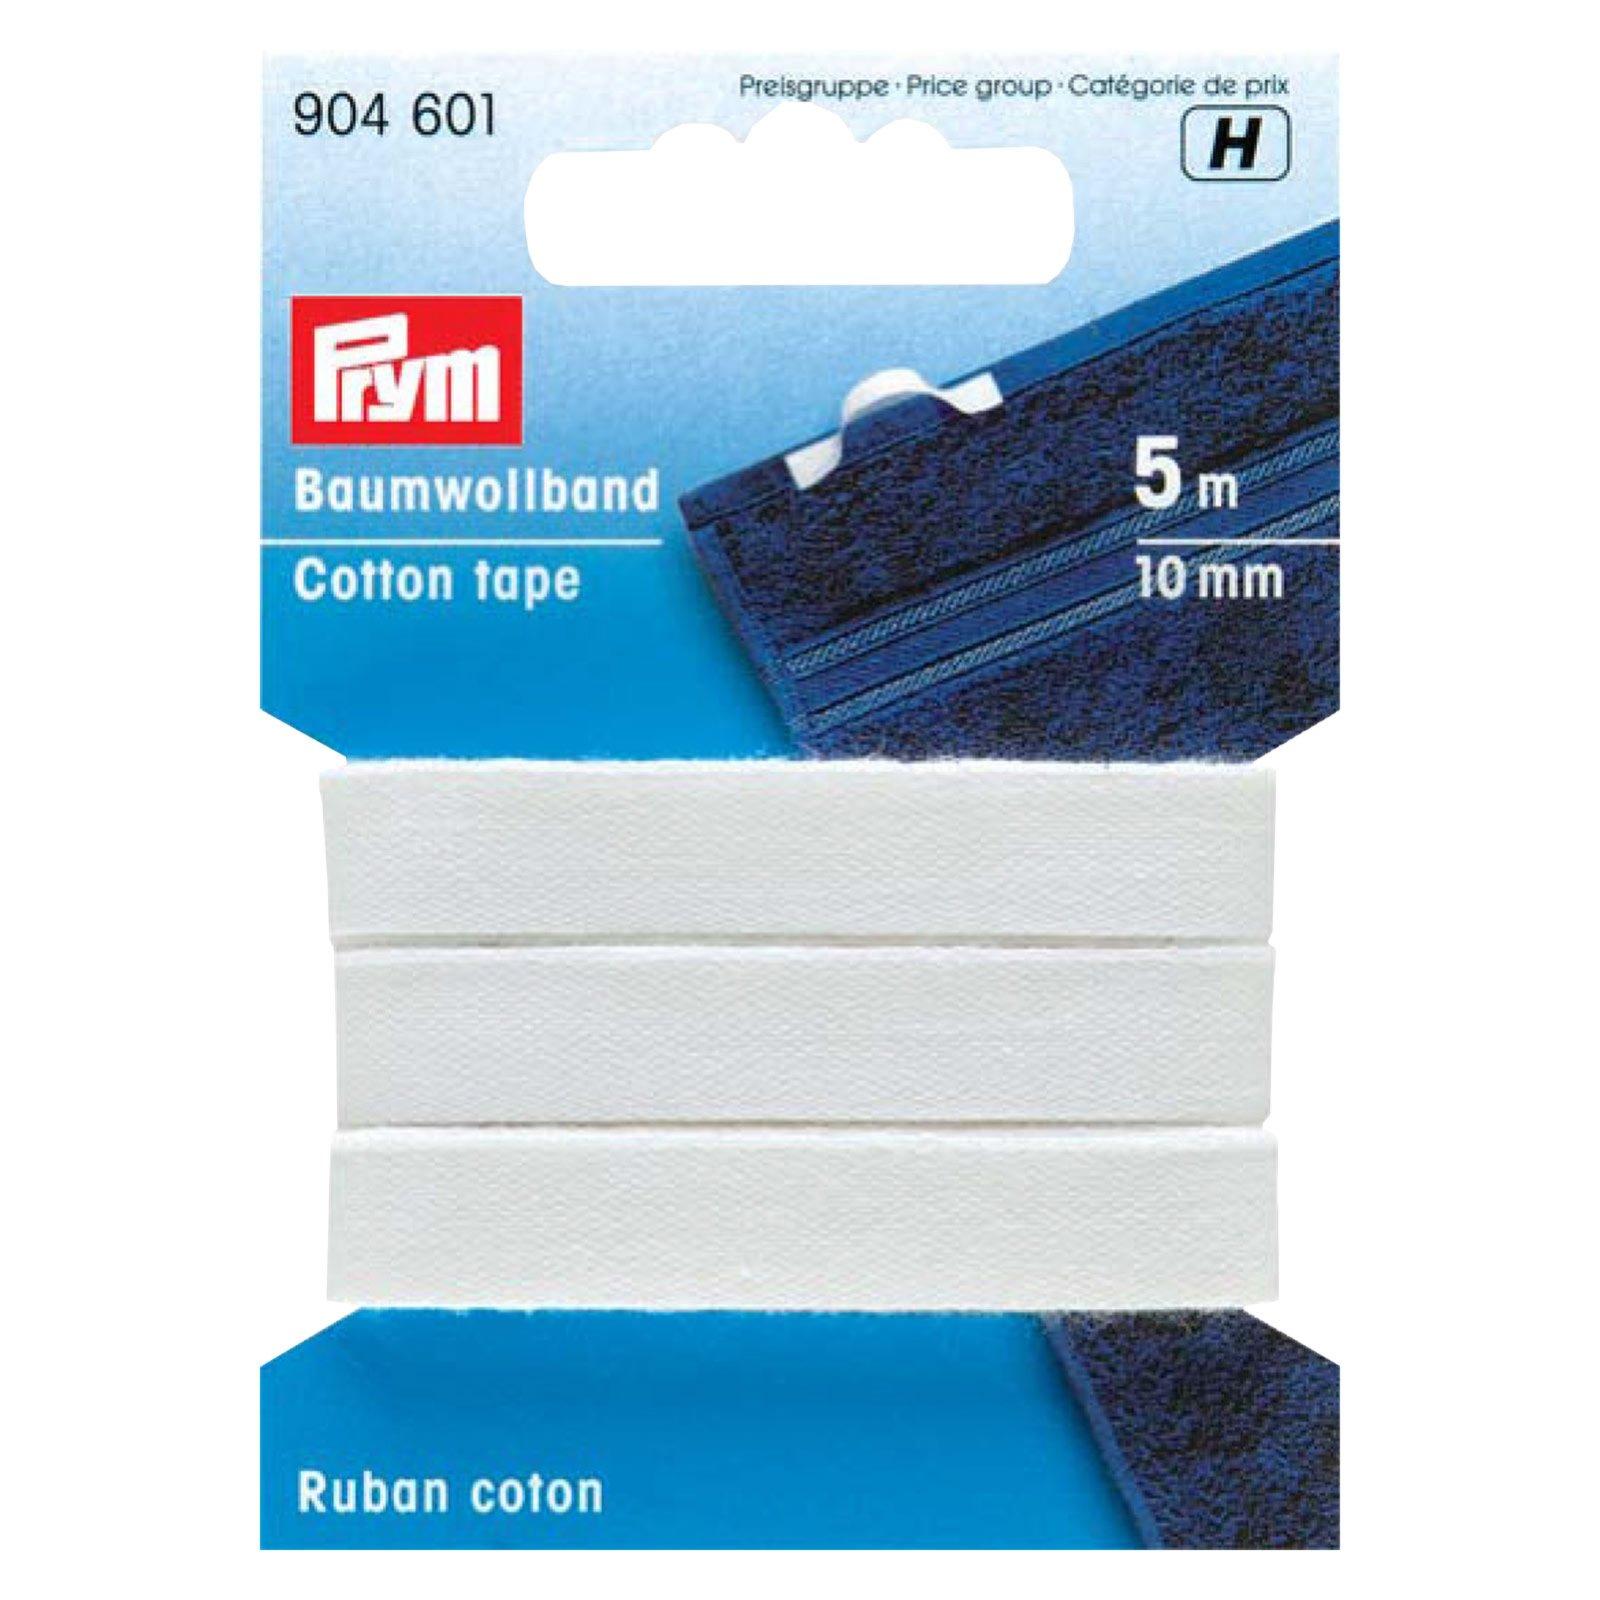 Baumwollband - Haushaltsband - weiß - 10 mm breit